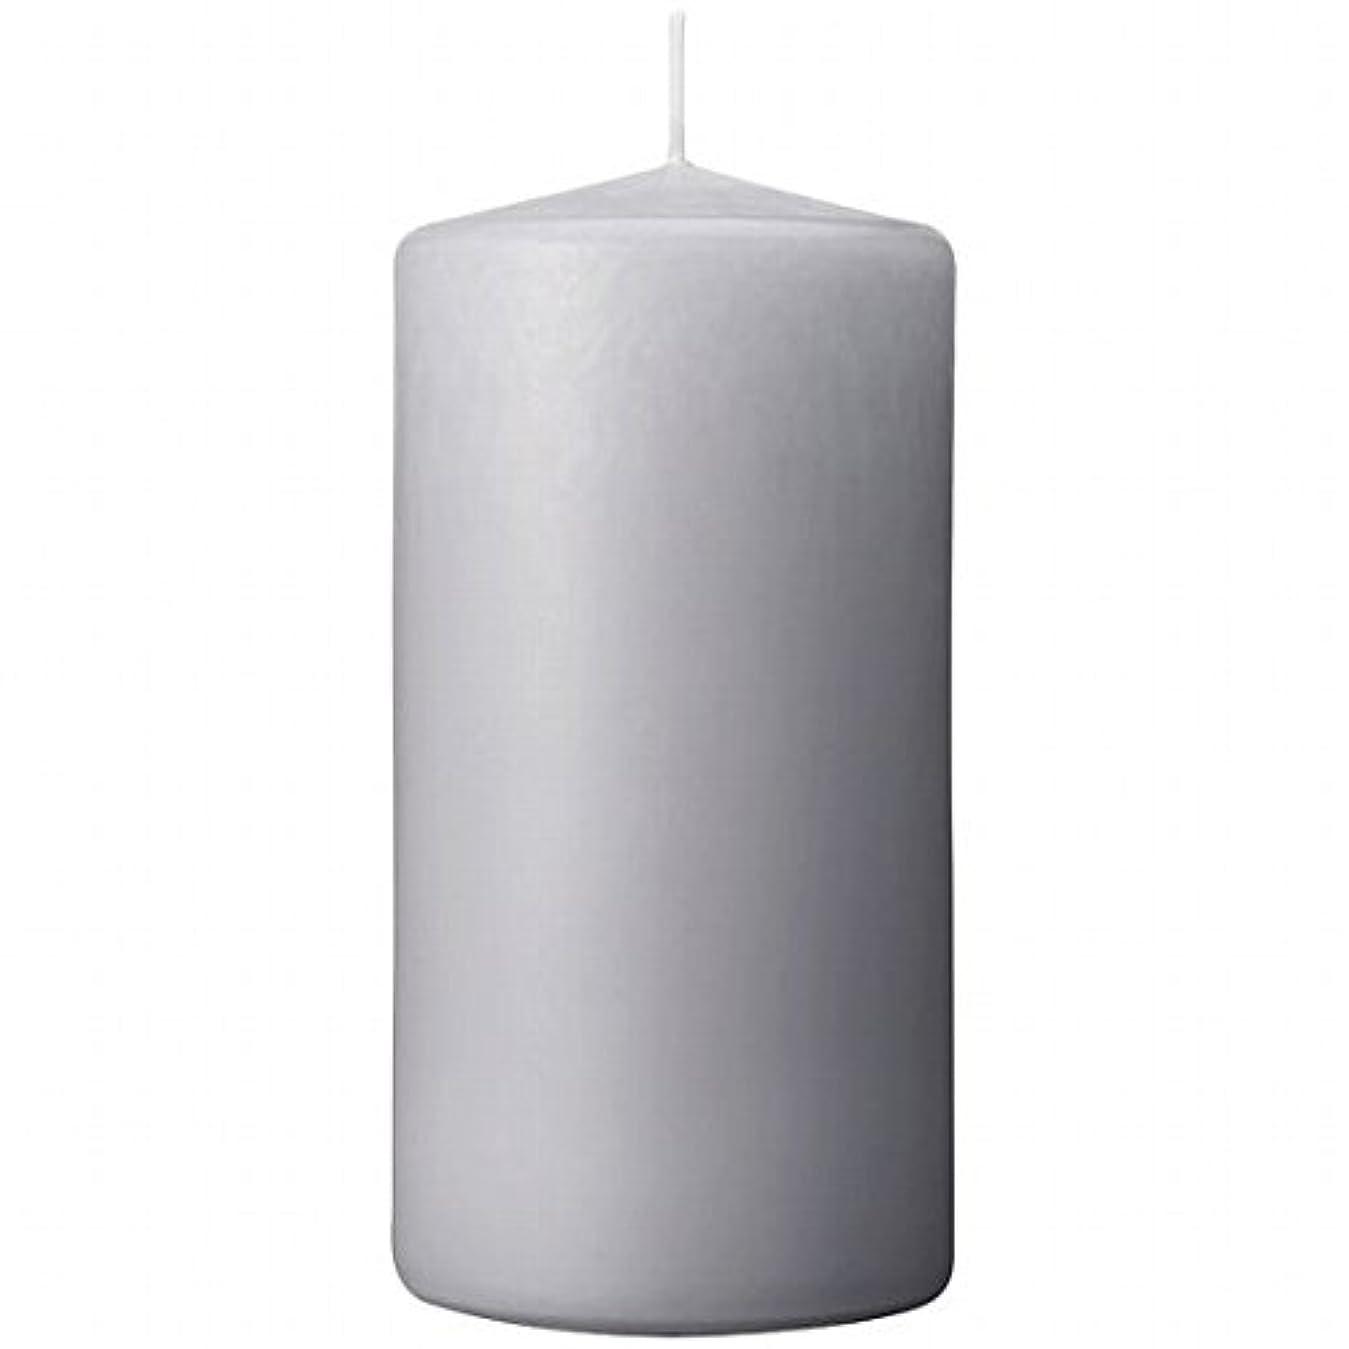 歪める運動フリッパーカメヤマキャンドル(kameyama candle) 3×6ベルトップピラーキャンドル 「 ライトグレー 」